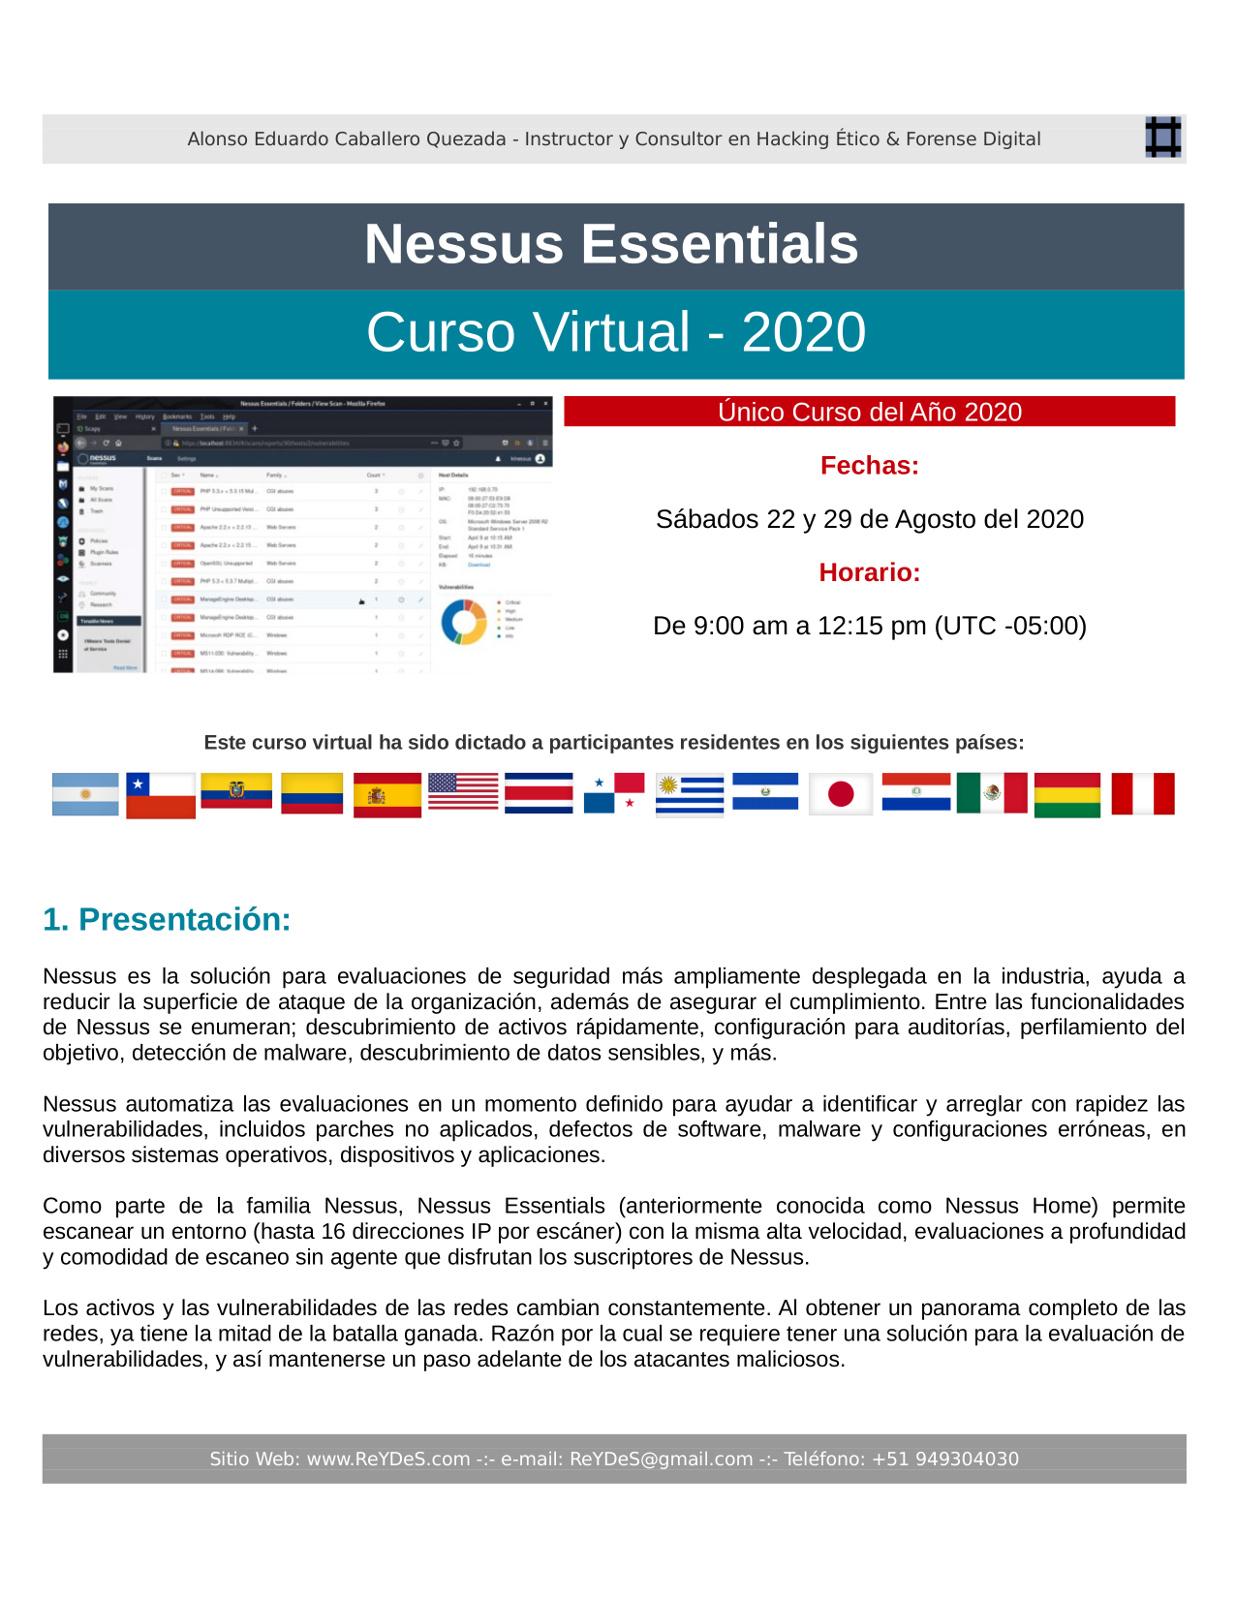 Único Curso Virtual de Nessus Essentials 2020